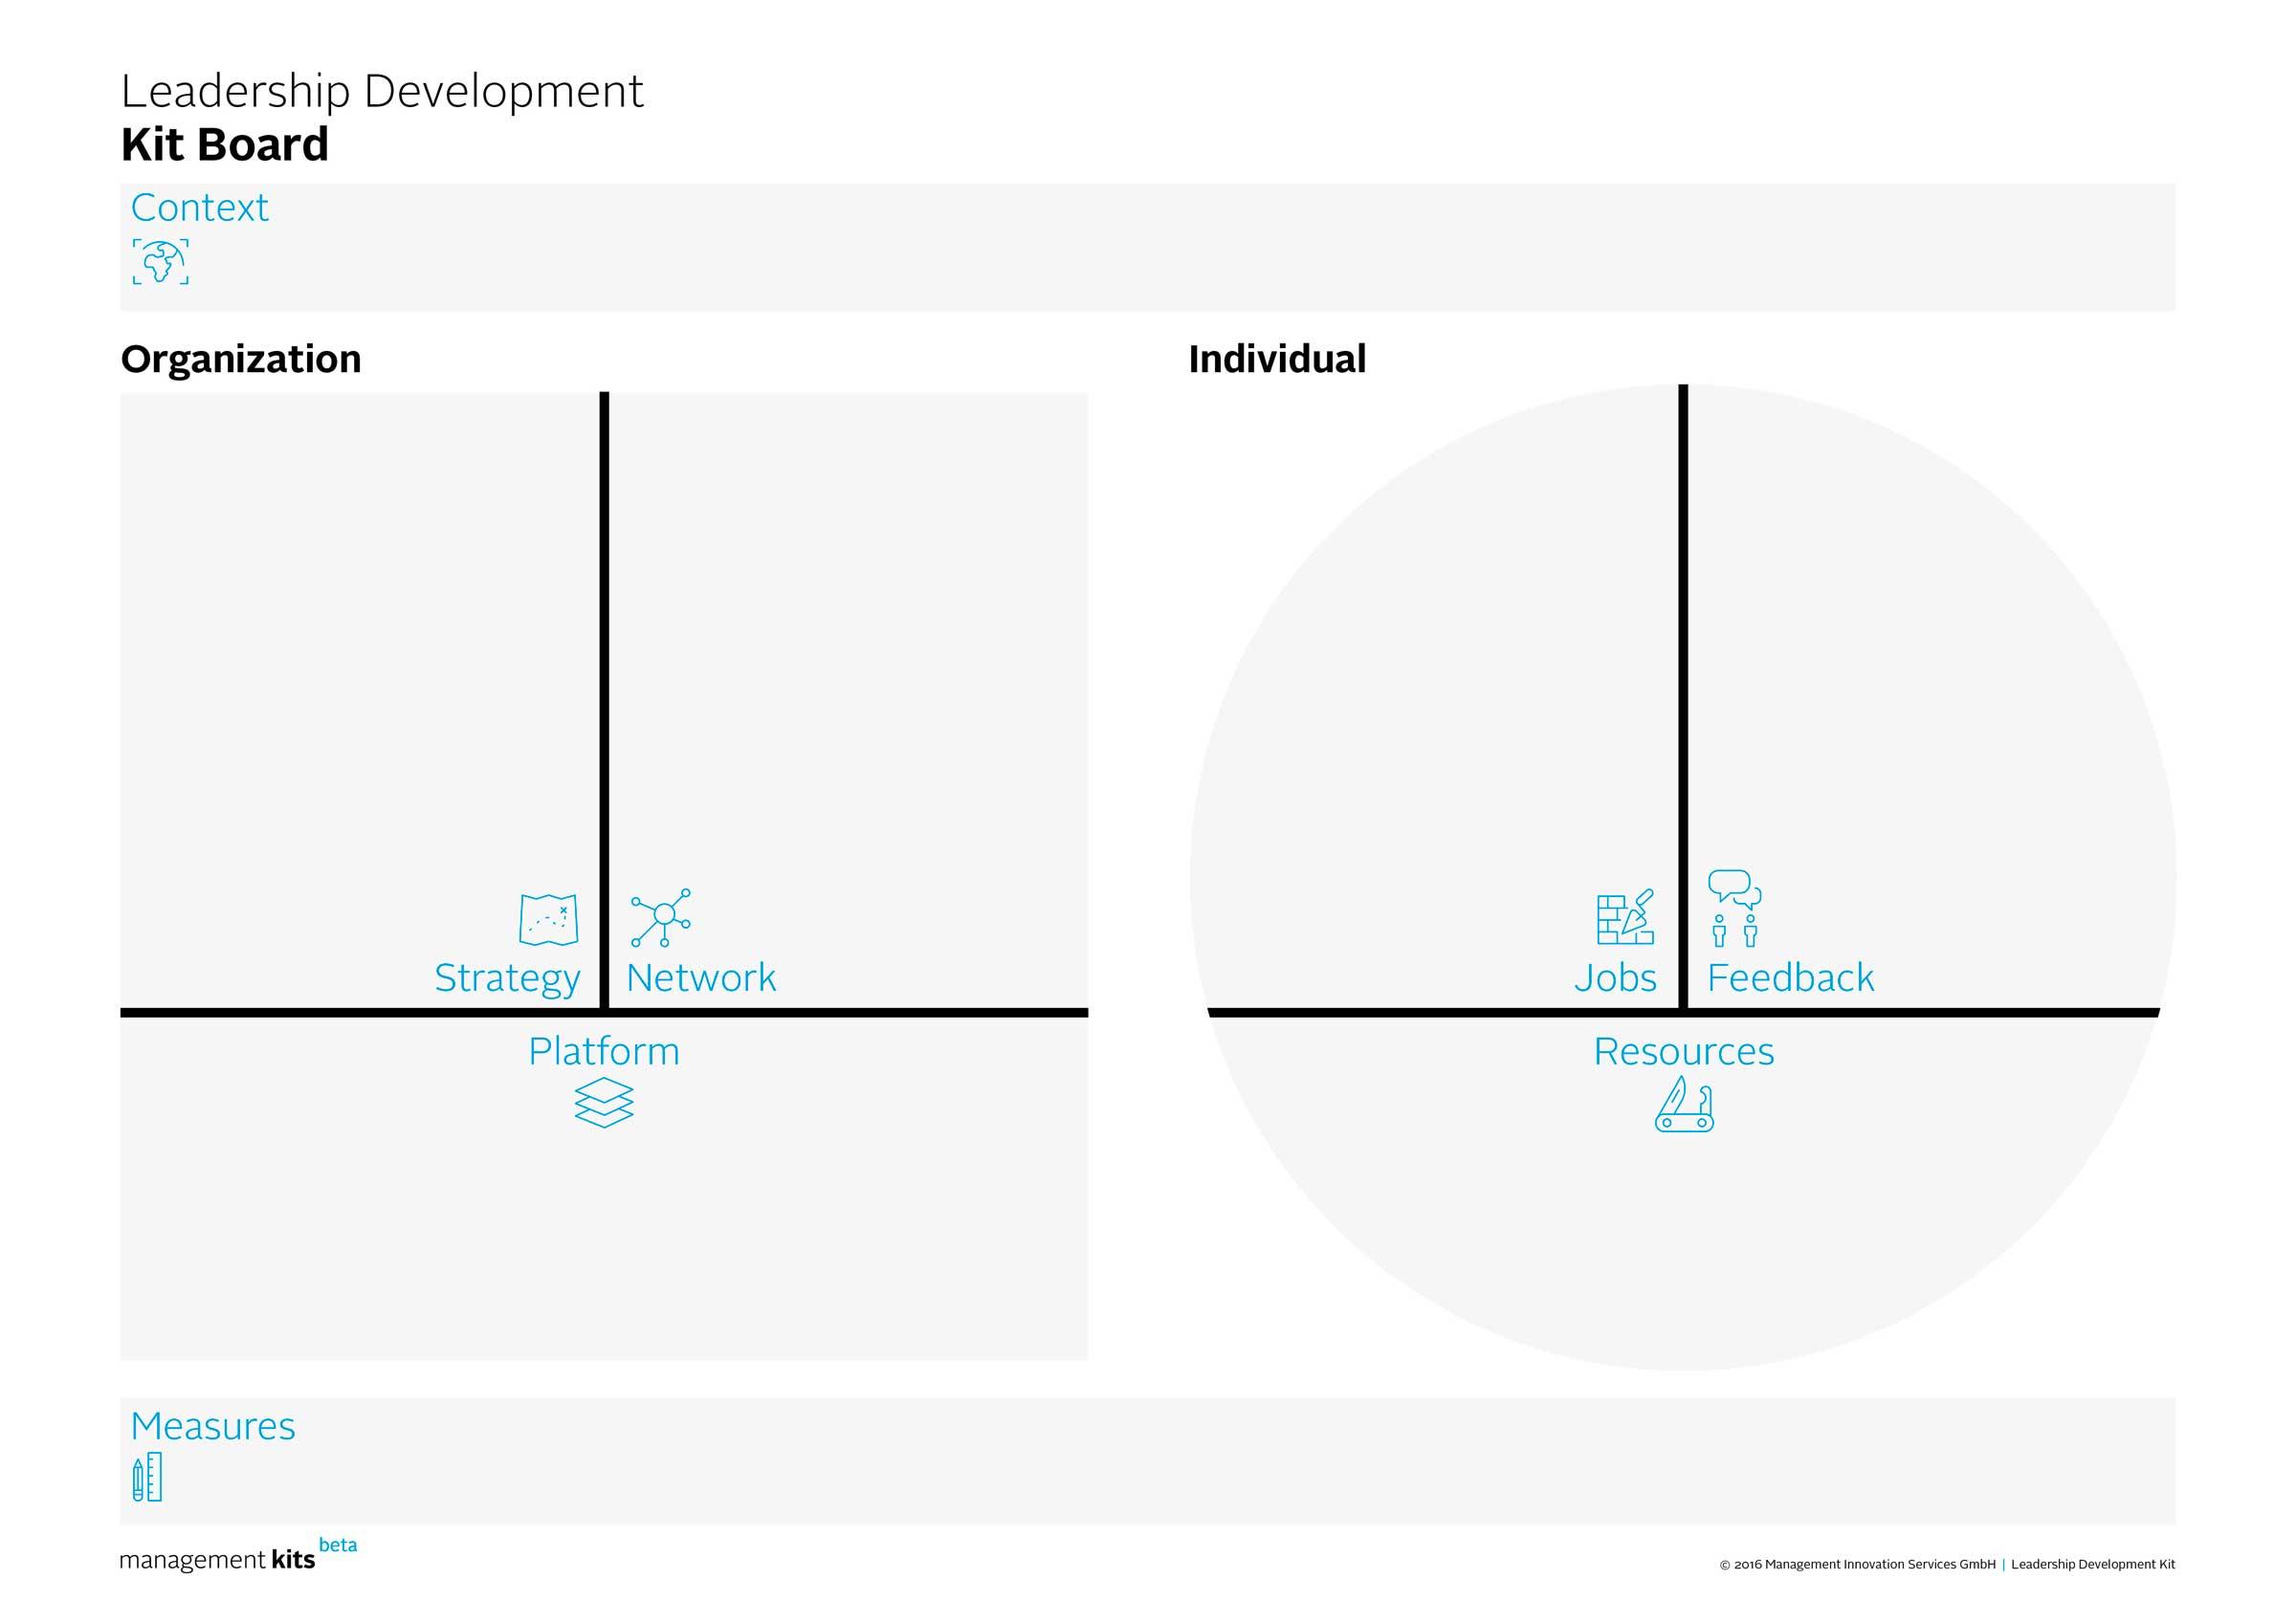 Management-Kits-Blog-Leadership-Kit-Board.jpg